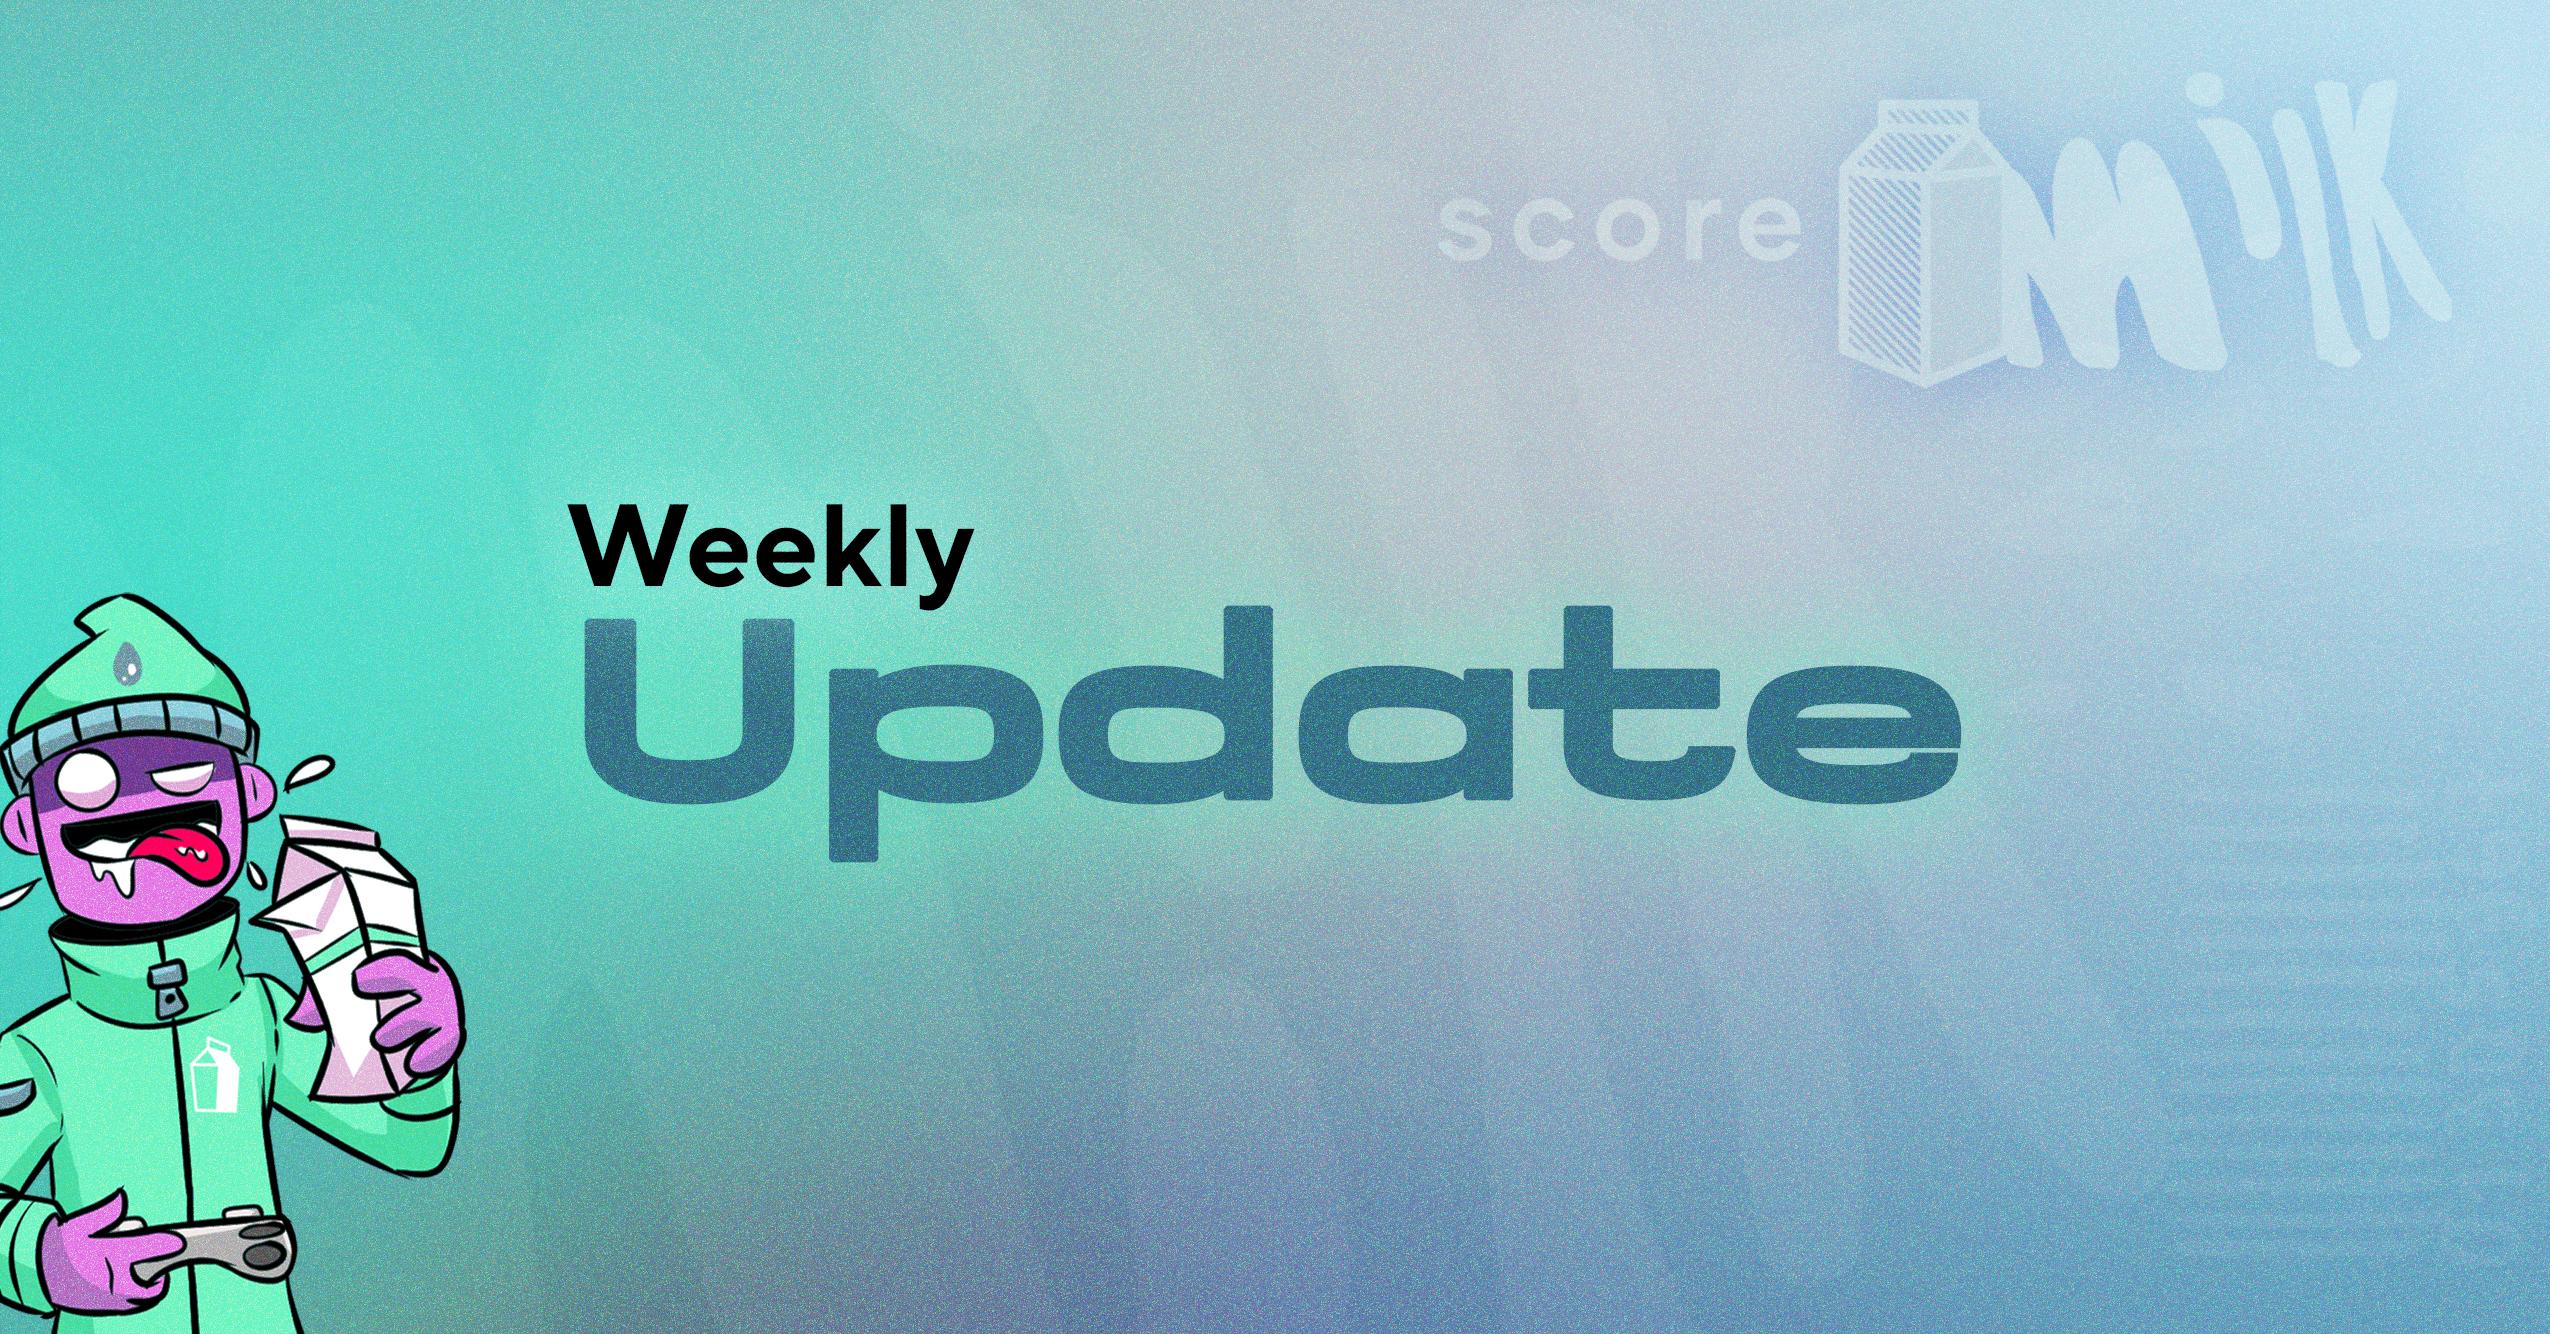 Score Milk Update – March 7, 2021